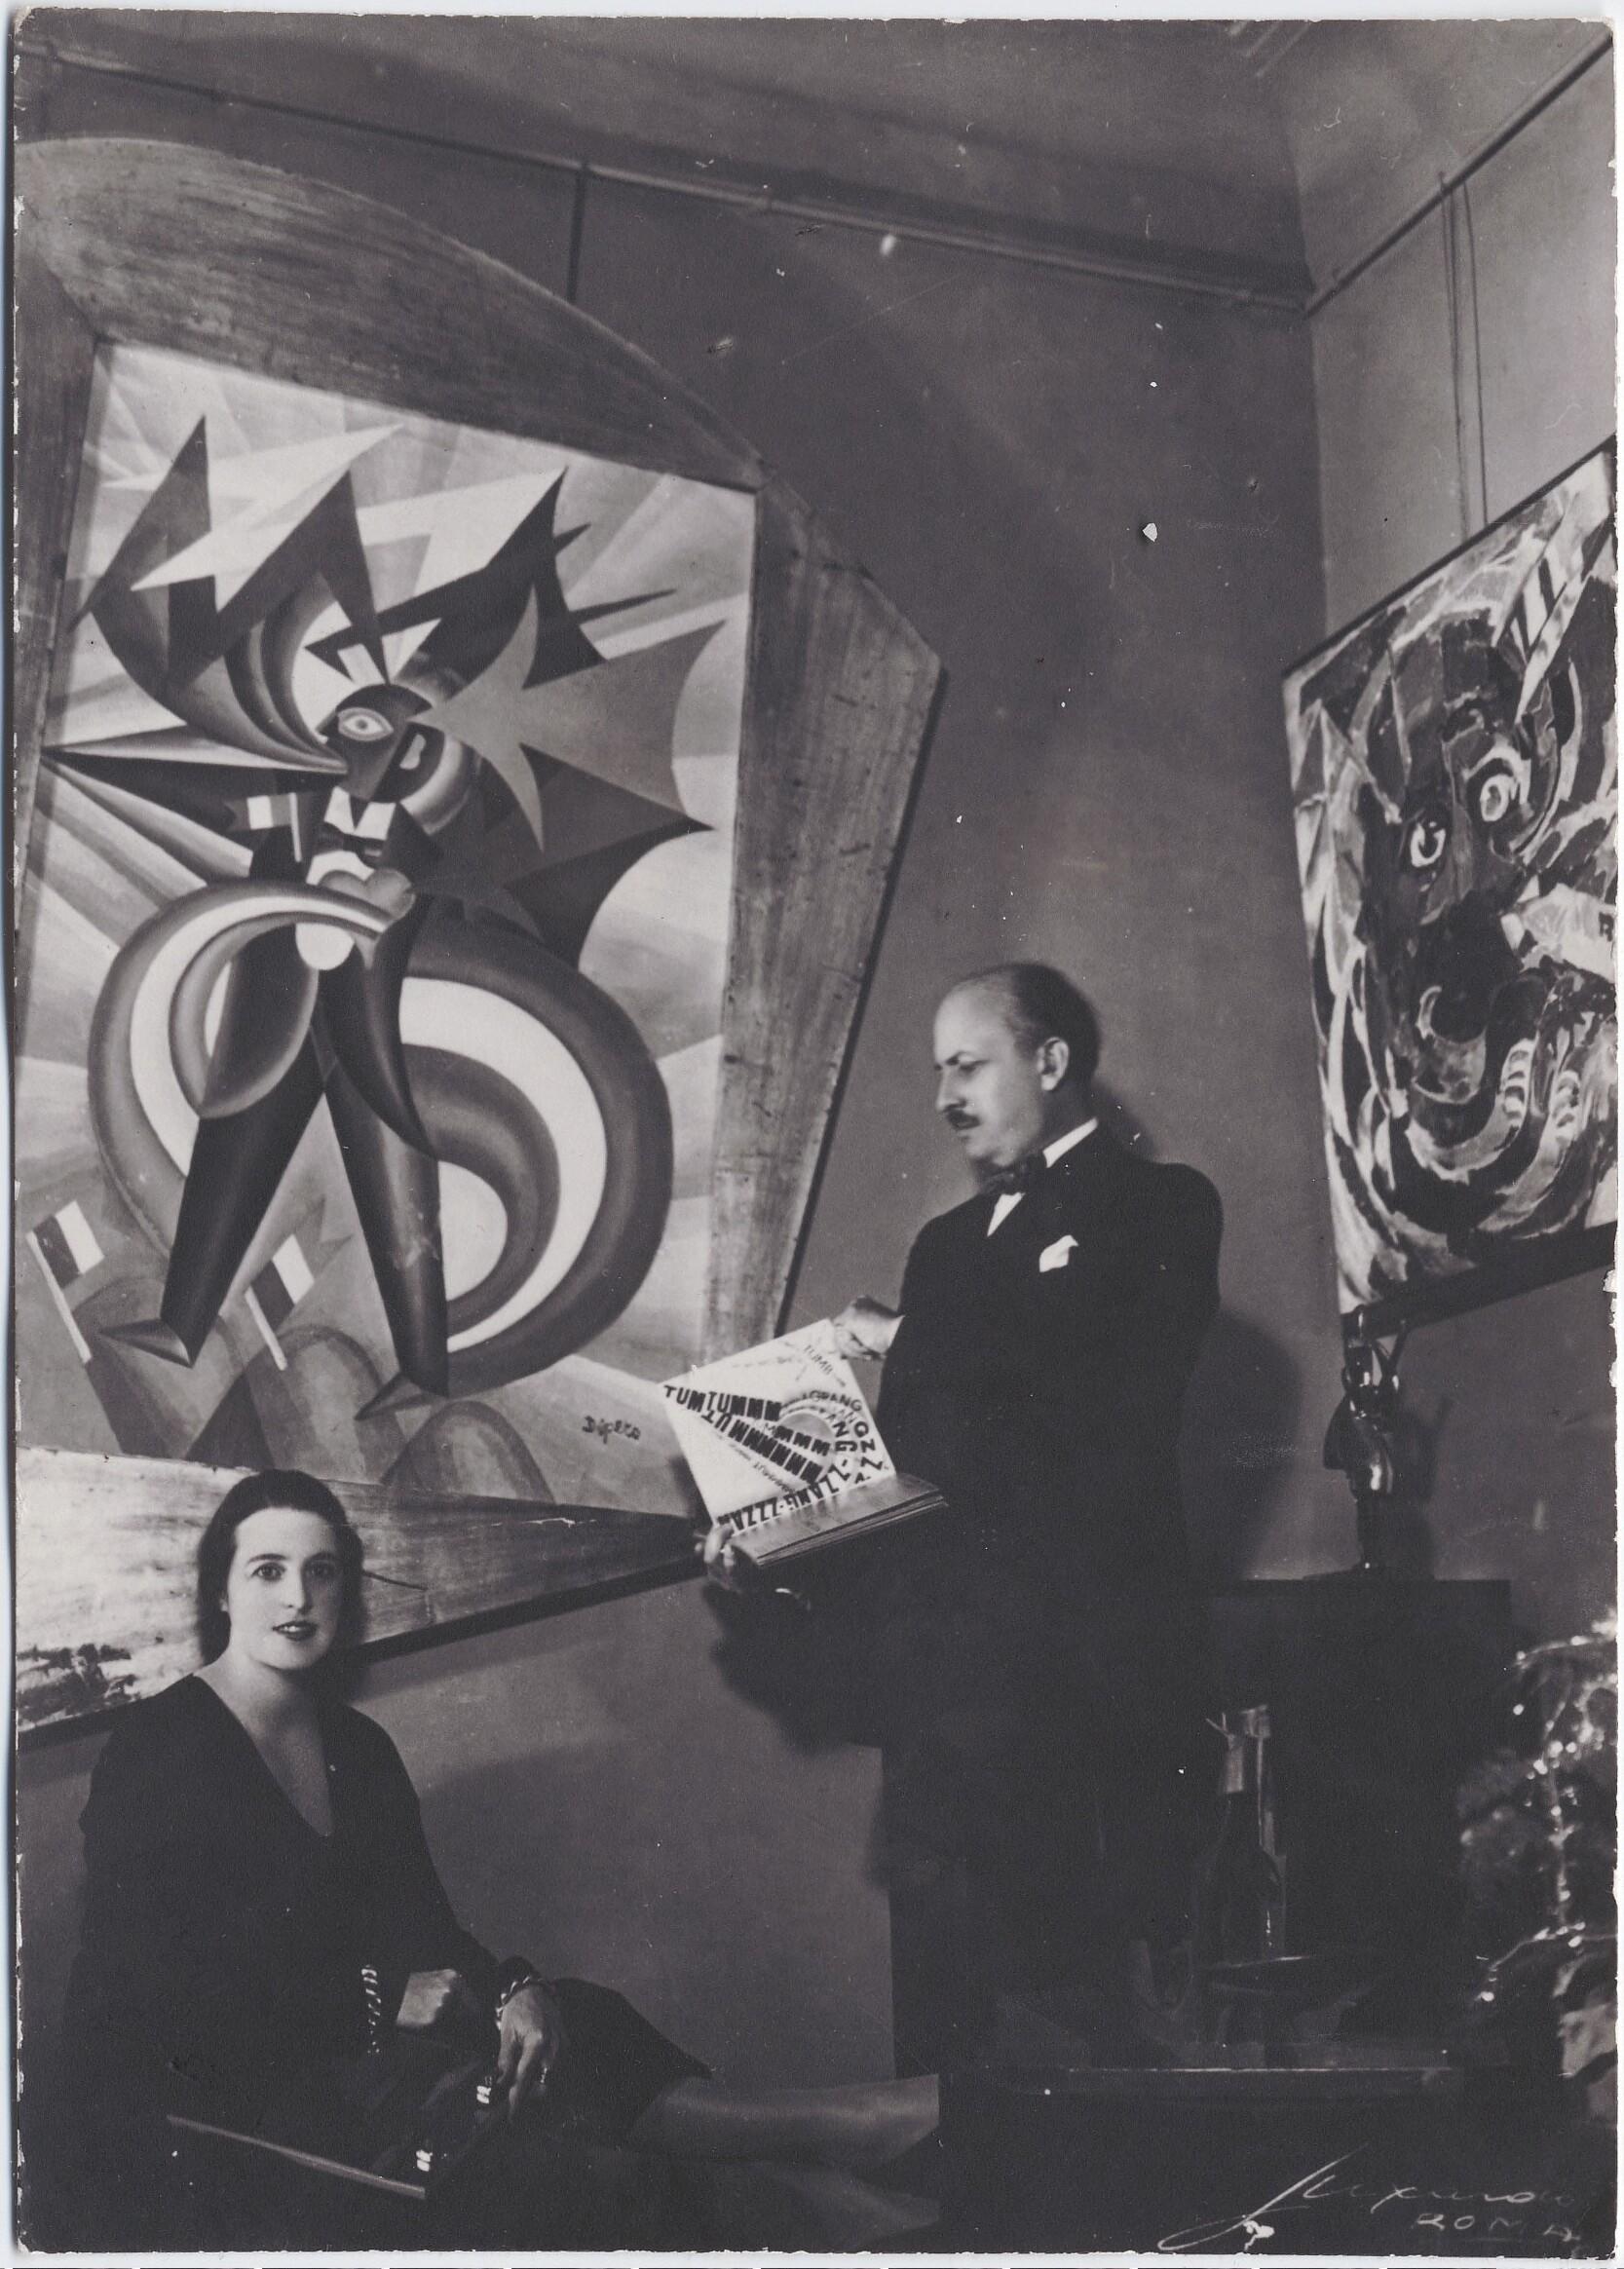 1932. Рим. Филиппо Томмазо Маринетти и Бенедетта Каппа Маринетти в их квартире на Пьяцца Адриана